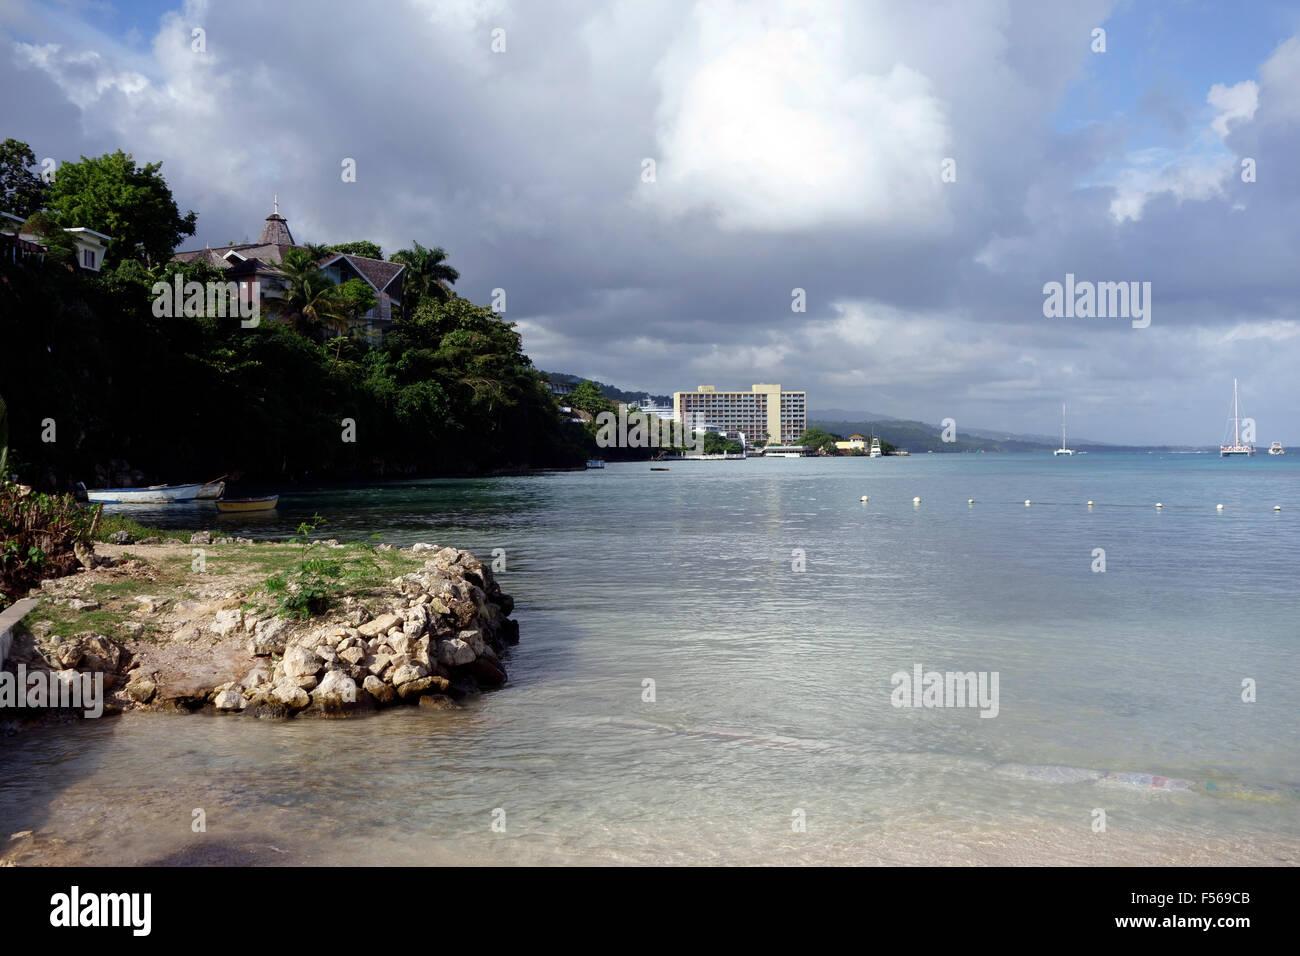 Mahogany Beach, Ocho Rios, Jamaica, Caribbean - Stock Image